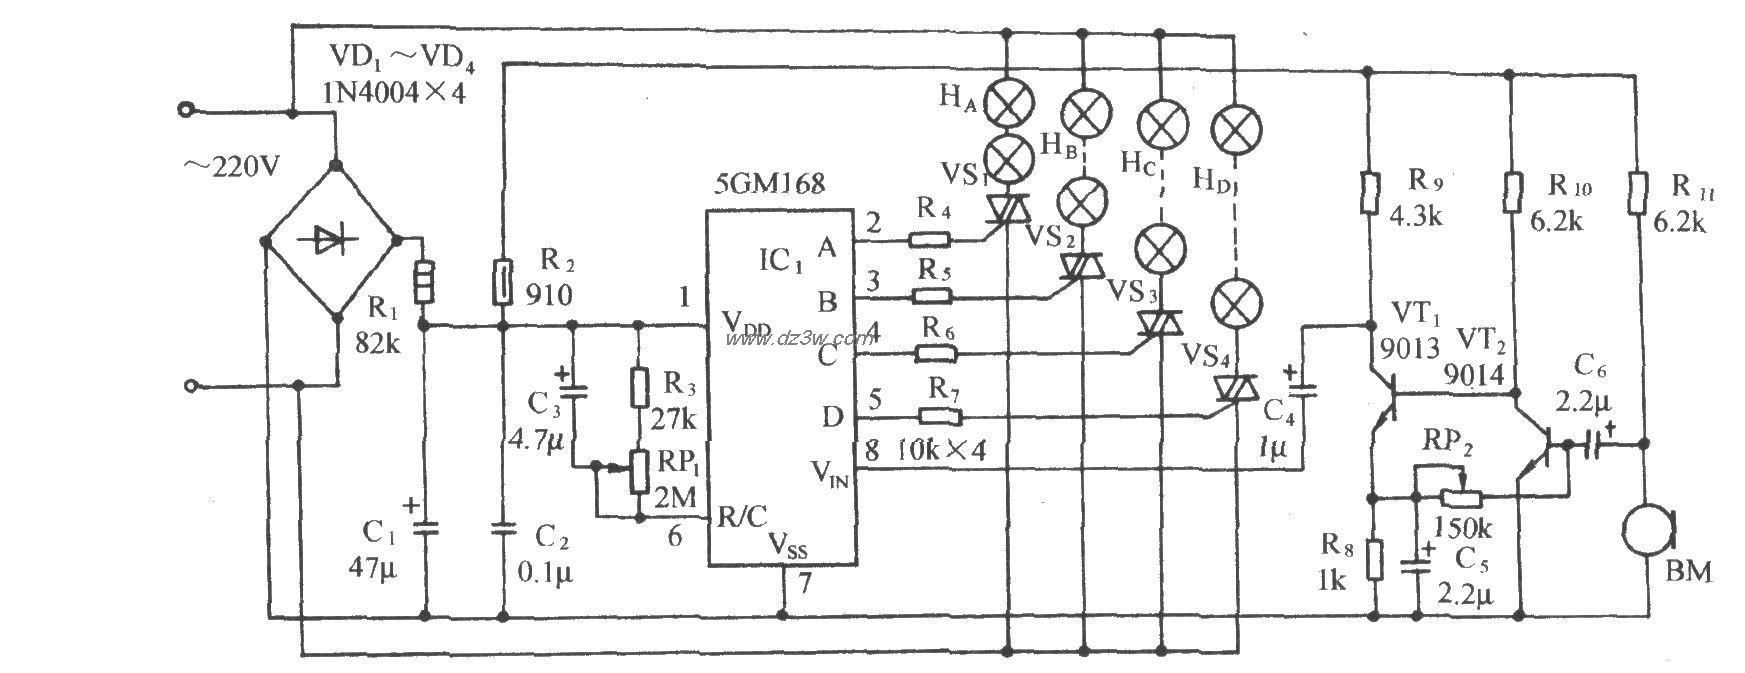 5GMl68音频压控节日彩灯